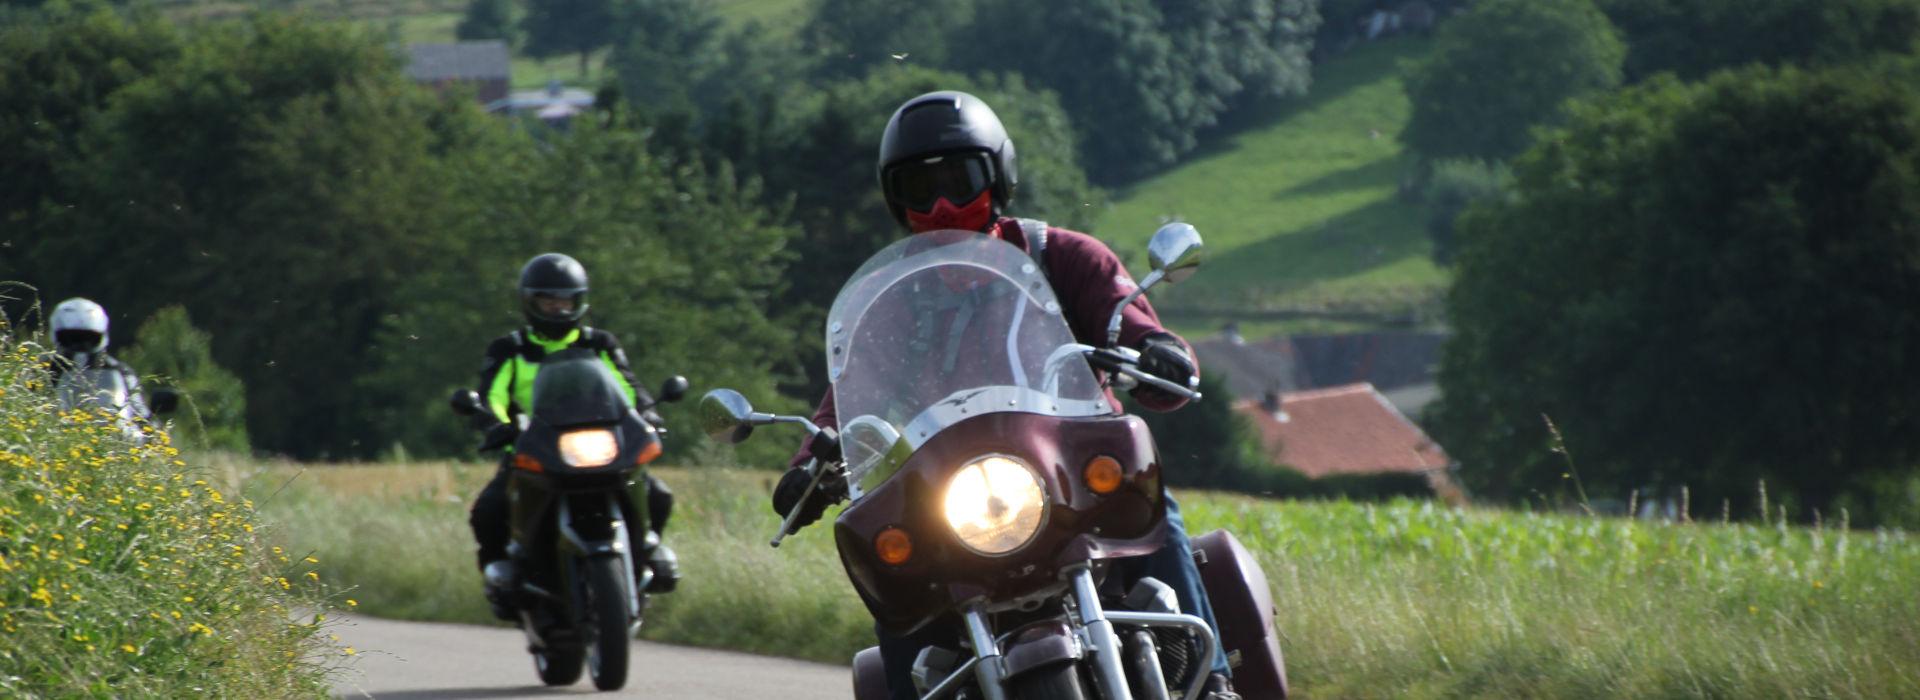 Motorrijbewijspoint Den Haag snel motorrijbewijs halen